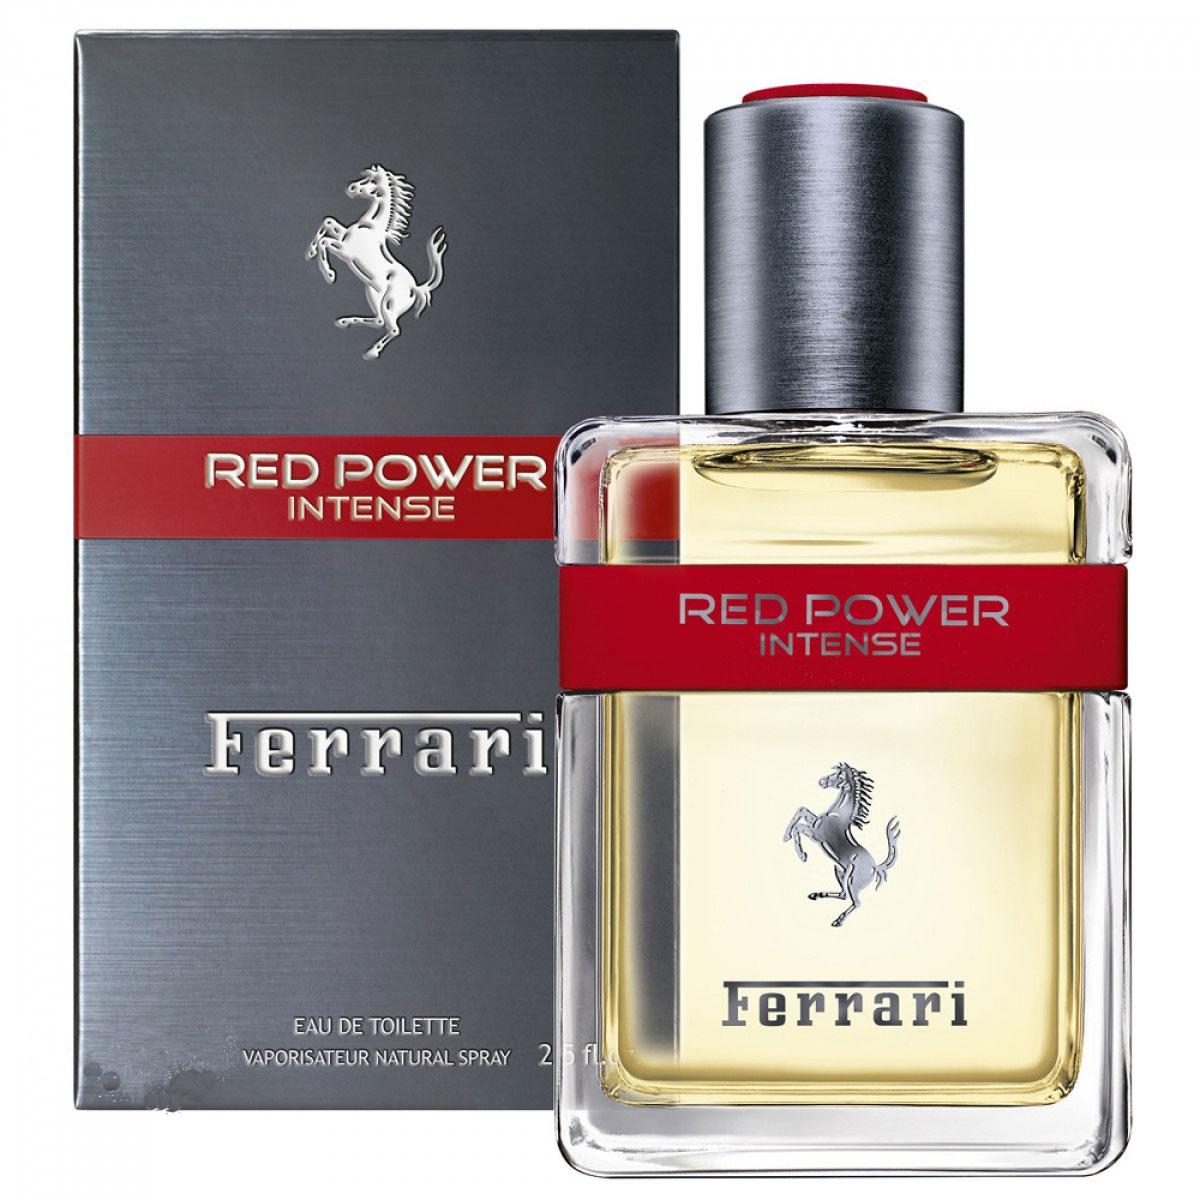 Ferrari Туалетная вода  RED POWER INTENSE мужская, 75 мл67000288Red Power Intense Ferrari - это аромат для мужчин, принадлежит к группе ароматов древесные фужерные. Это новый аромат, Red Power Intense выпущен в 2014. Верхние ноты: мускатный орех, красный перец и Лист фиалки; ноты сердца: Лаванда и ирис; ноты базы: пачули, олибанум, дерево Агар и Амбра.